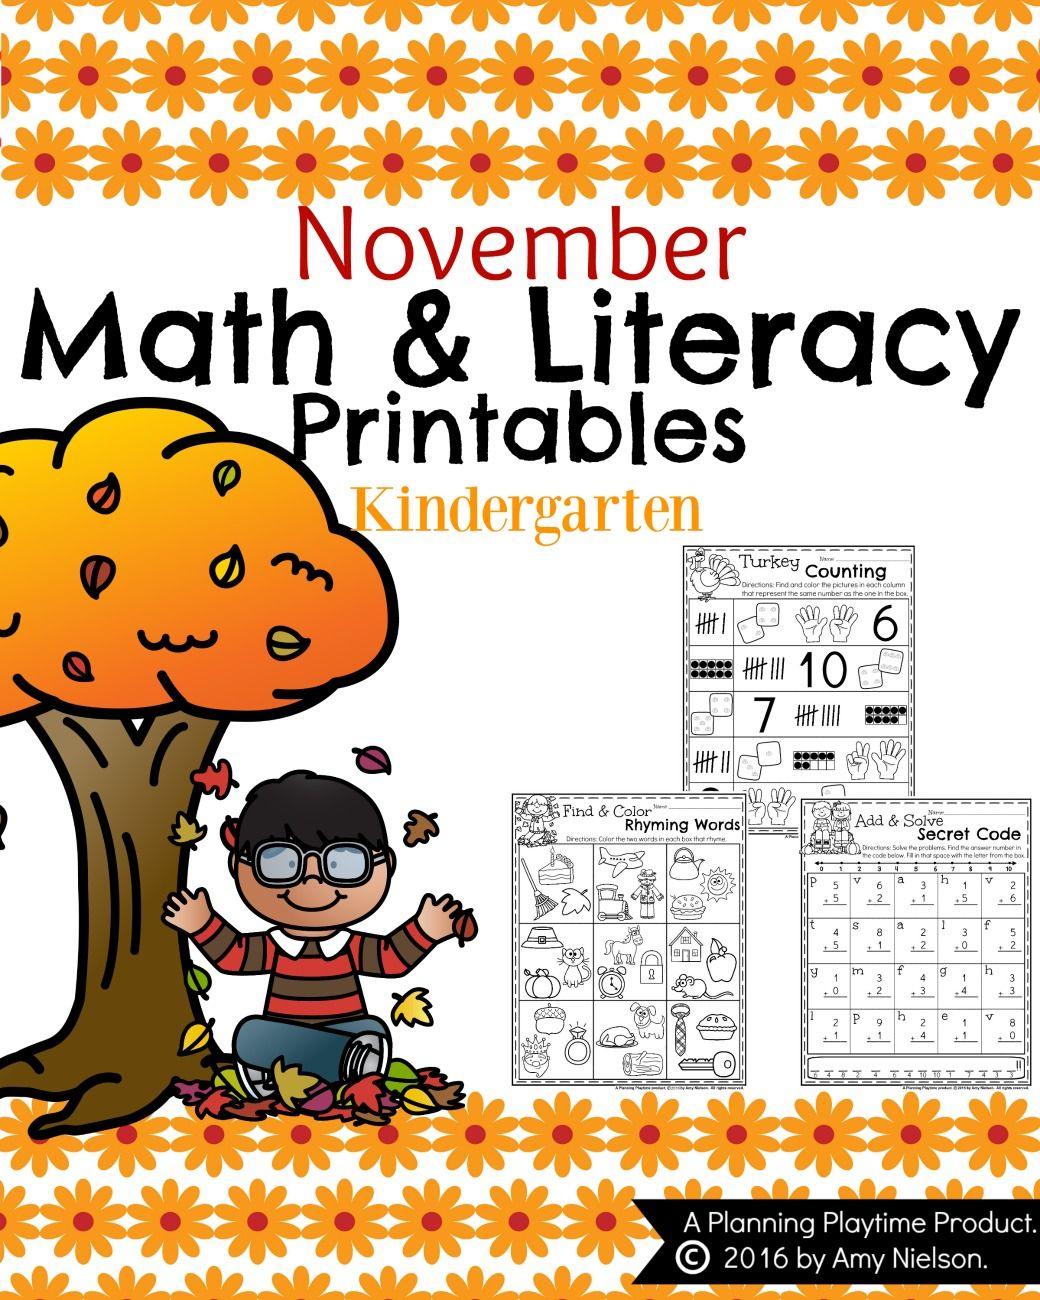 Fall Kindergarten Worksheets For November